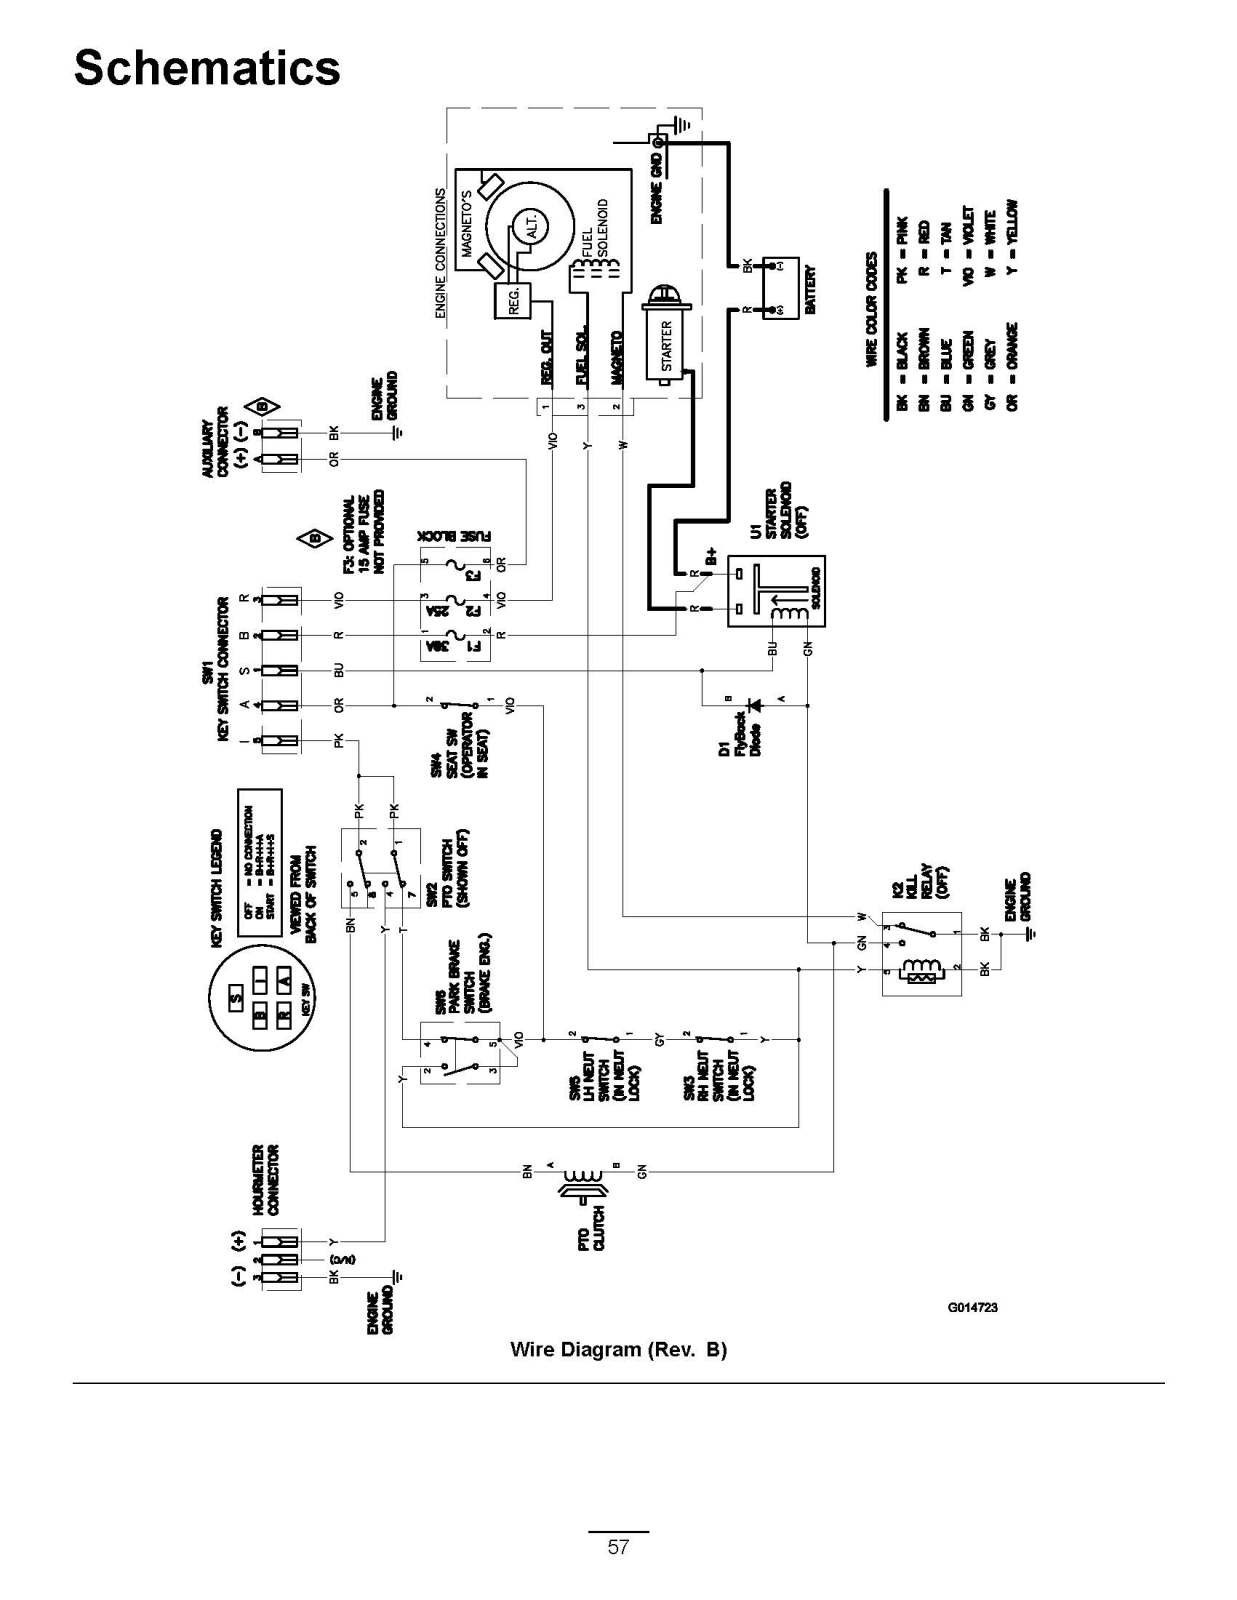 [DIAGRAM_09CH]  Toro Wiring Schematics -Valet Wiring Diagram | Begeboy Wiring Diagram Source | Toro Wiring Diagram |  | Begeboy Wiring Diagram Source